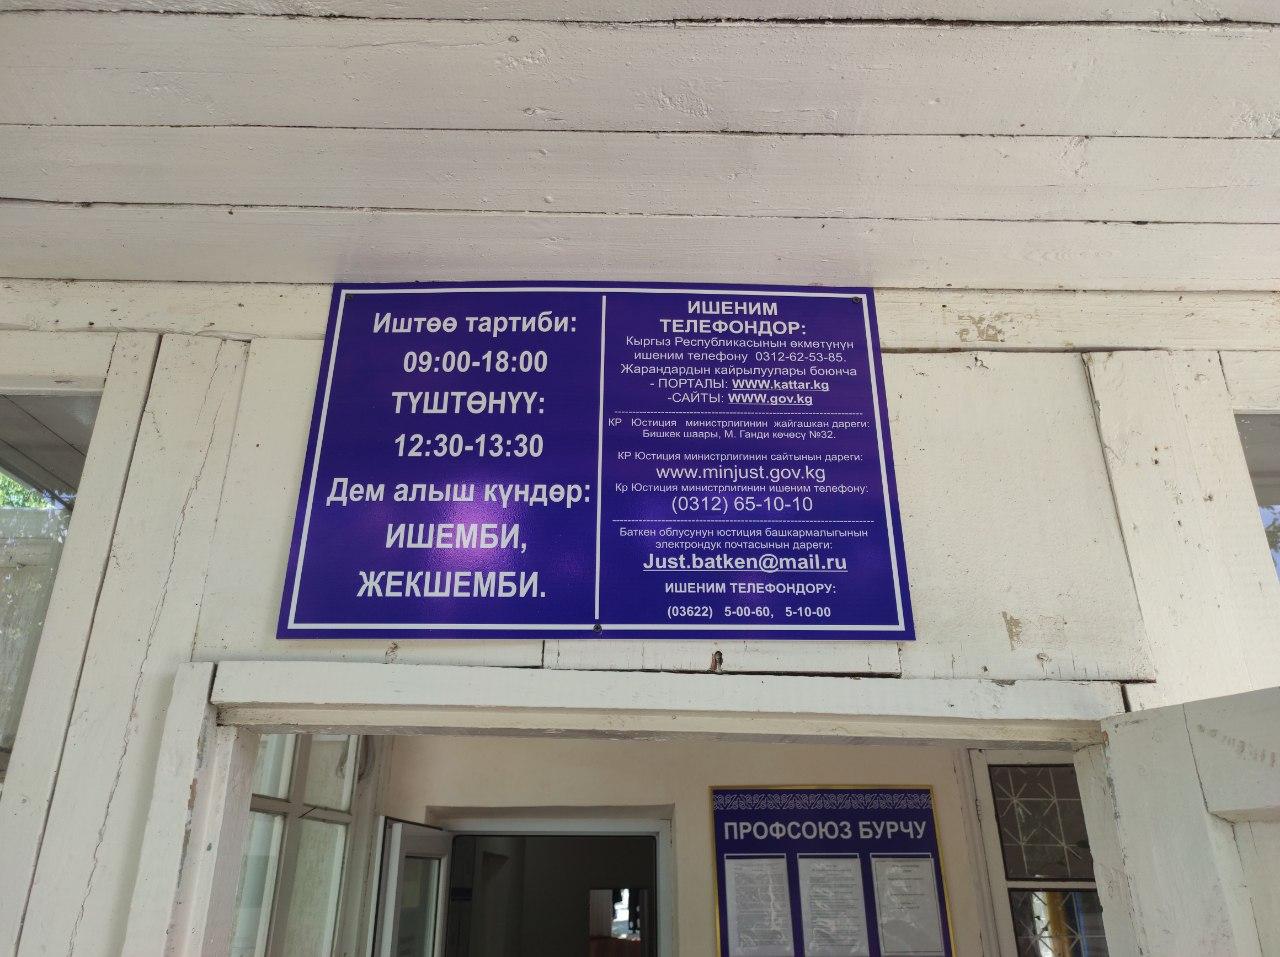 Министр юстиции Кыргызской Республики Асель Чынбаева с рабочим визитом посетила Управление юстиции Баткенской области